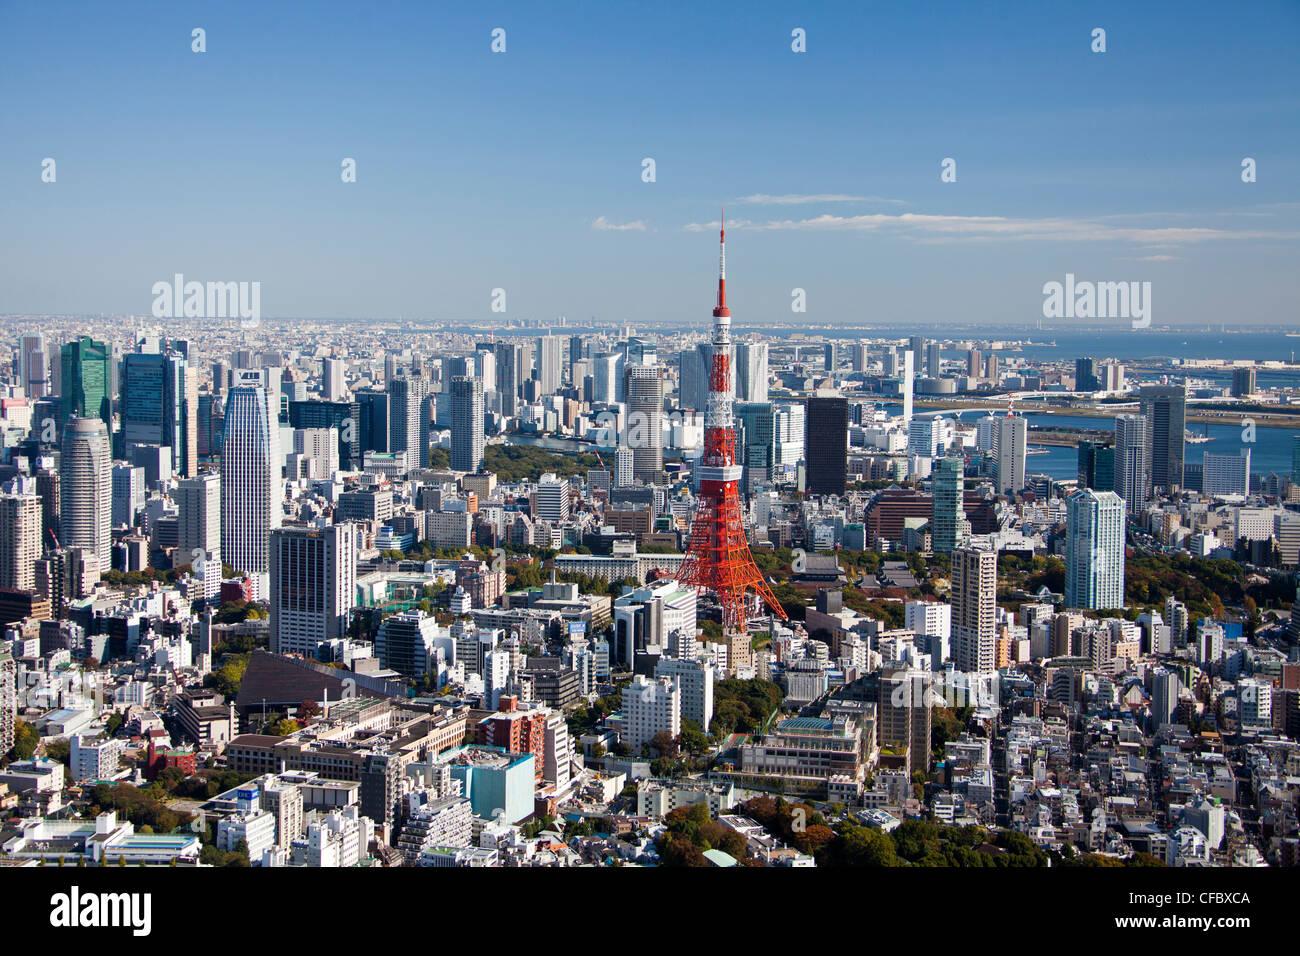 Japón, Asia, Tokio, la ciudad, el horizonte de Tokio, La Torre de Tokio, arquitectura, grandes, edificios, Imagen De Stock